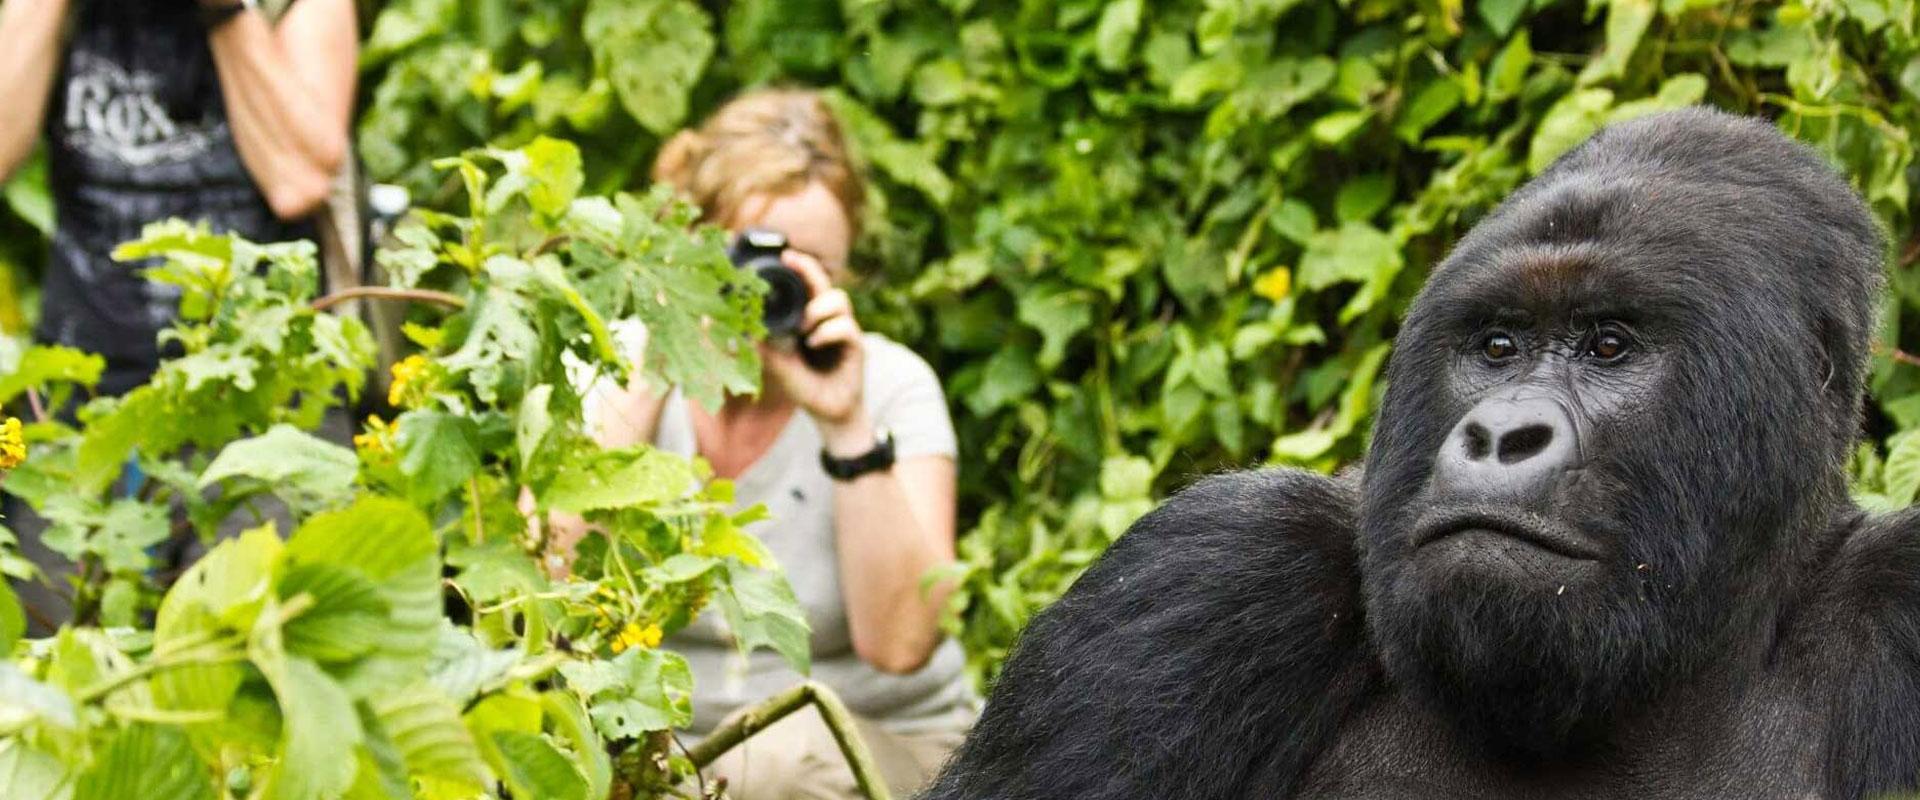 Uganda Photography Safari